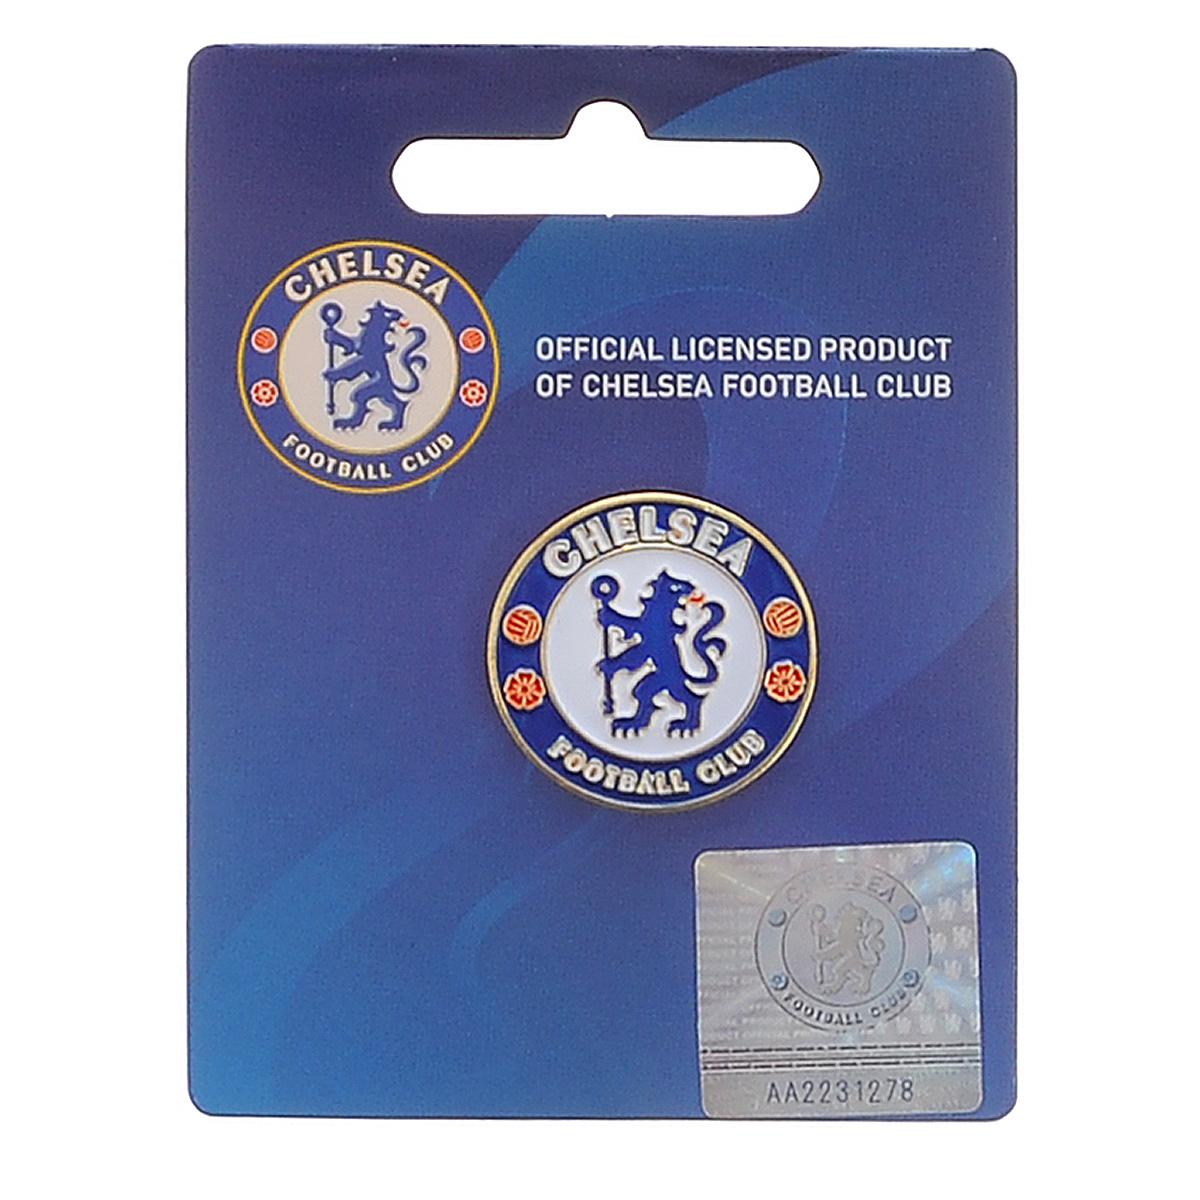 Значок Chelsea, цвет: синий, белый, красный, диаметр 2,4 см. 082008200Значок Chelsea изготовлен из металла. Крепится на застежку-гвоздик. Значок Chelsea - важный аксессуар истинного болельщика!